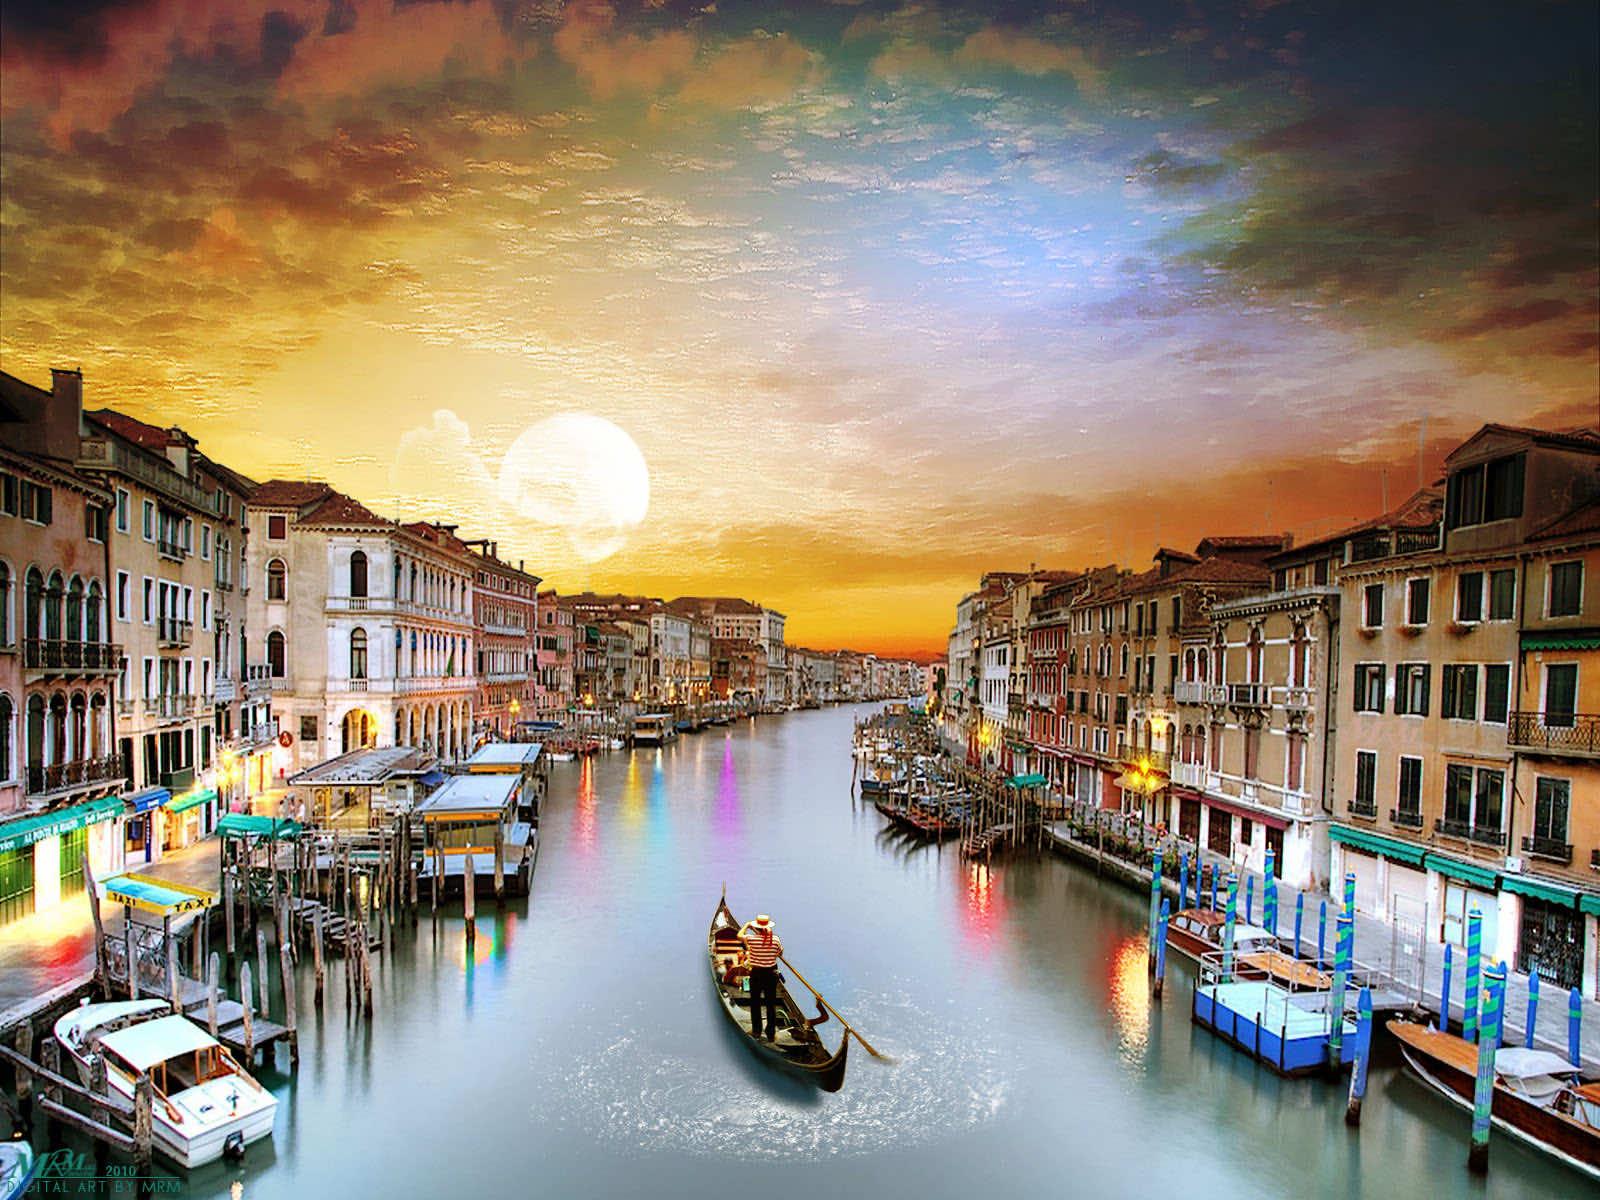 Italy wallpaper 4